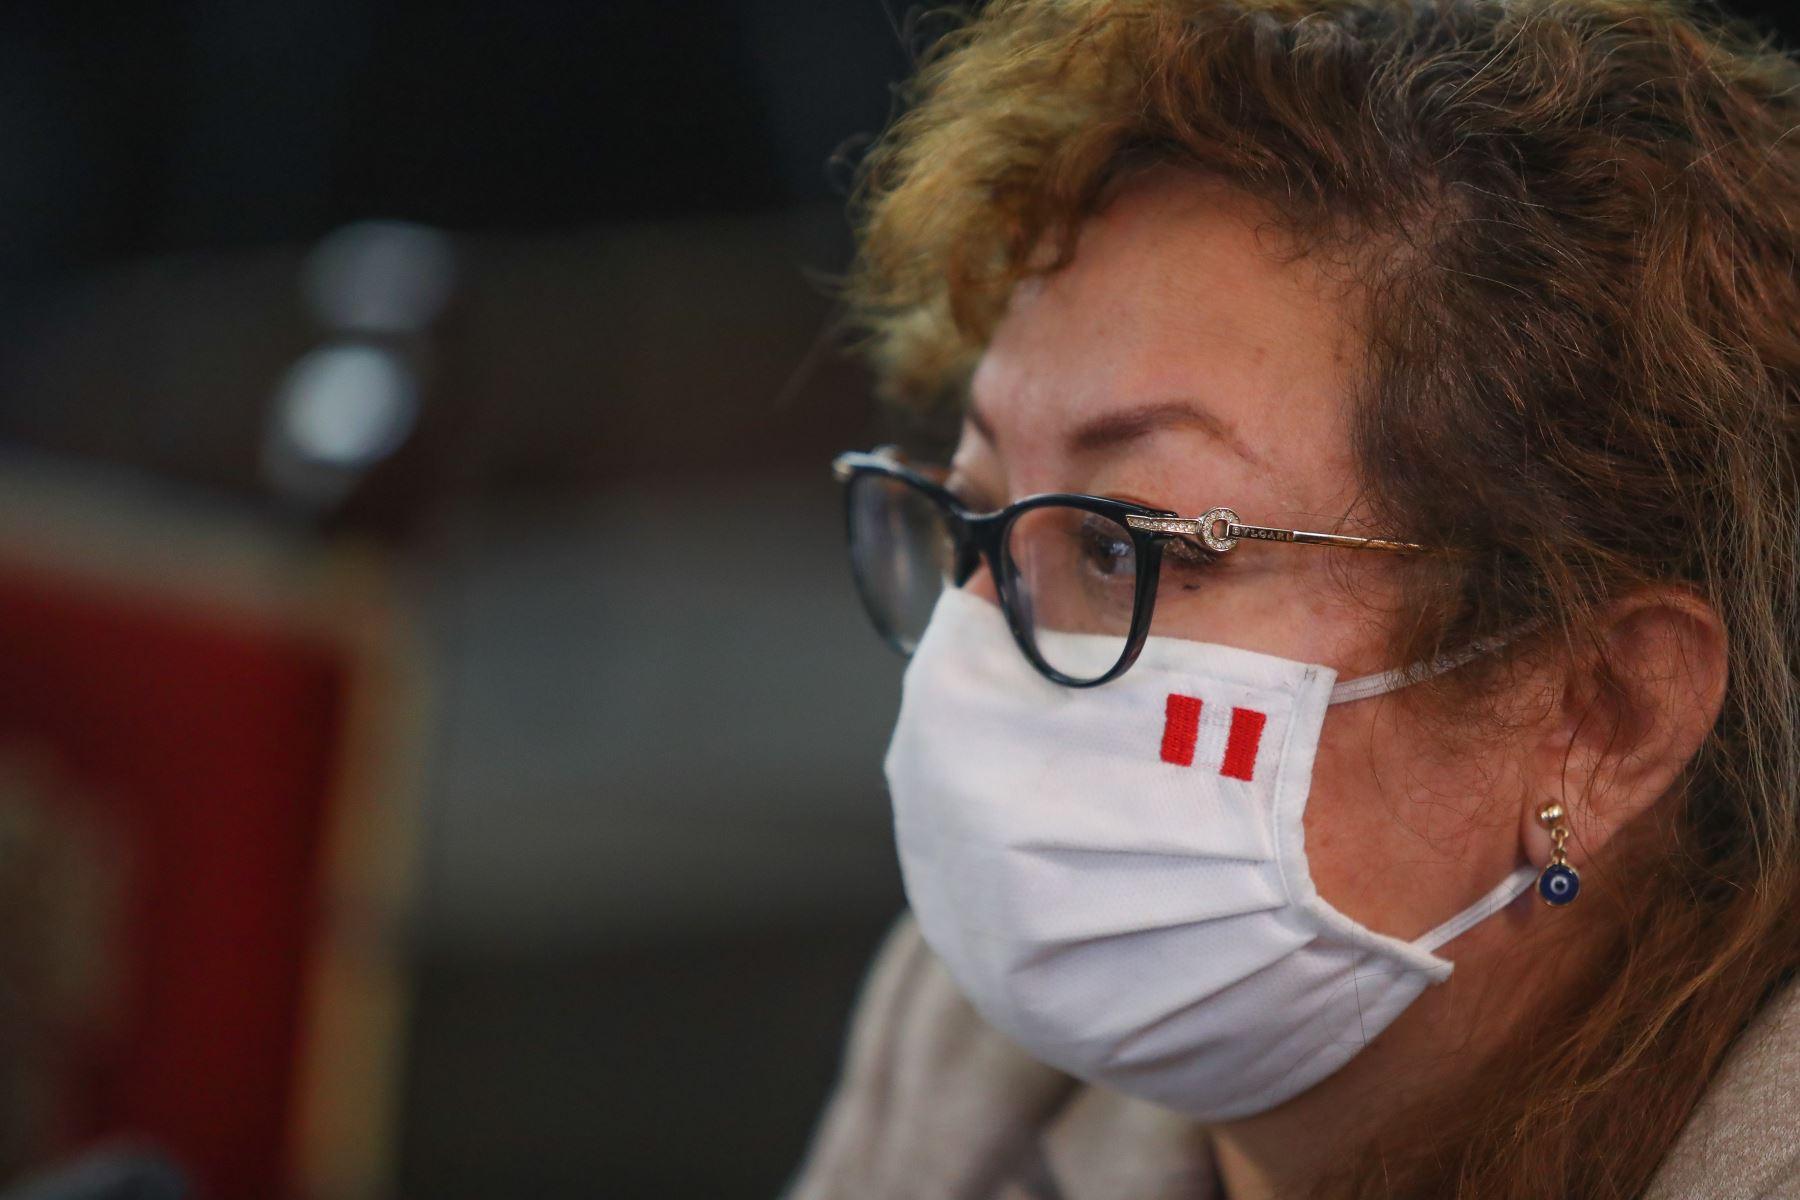 Ministra del Ambiente, Kirla Echegaray participa junto al presidente Martín Vizcarra quien brinda un pronunciamiento en torno a las nuevas medidas que adoptará el Gobierno frente a la pandemia del covid-19.  Foto: ANDINA/ Prensa Presidencia